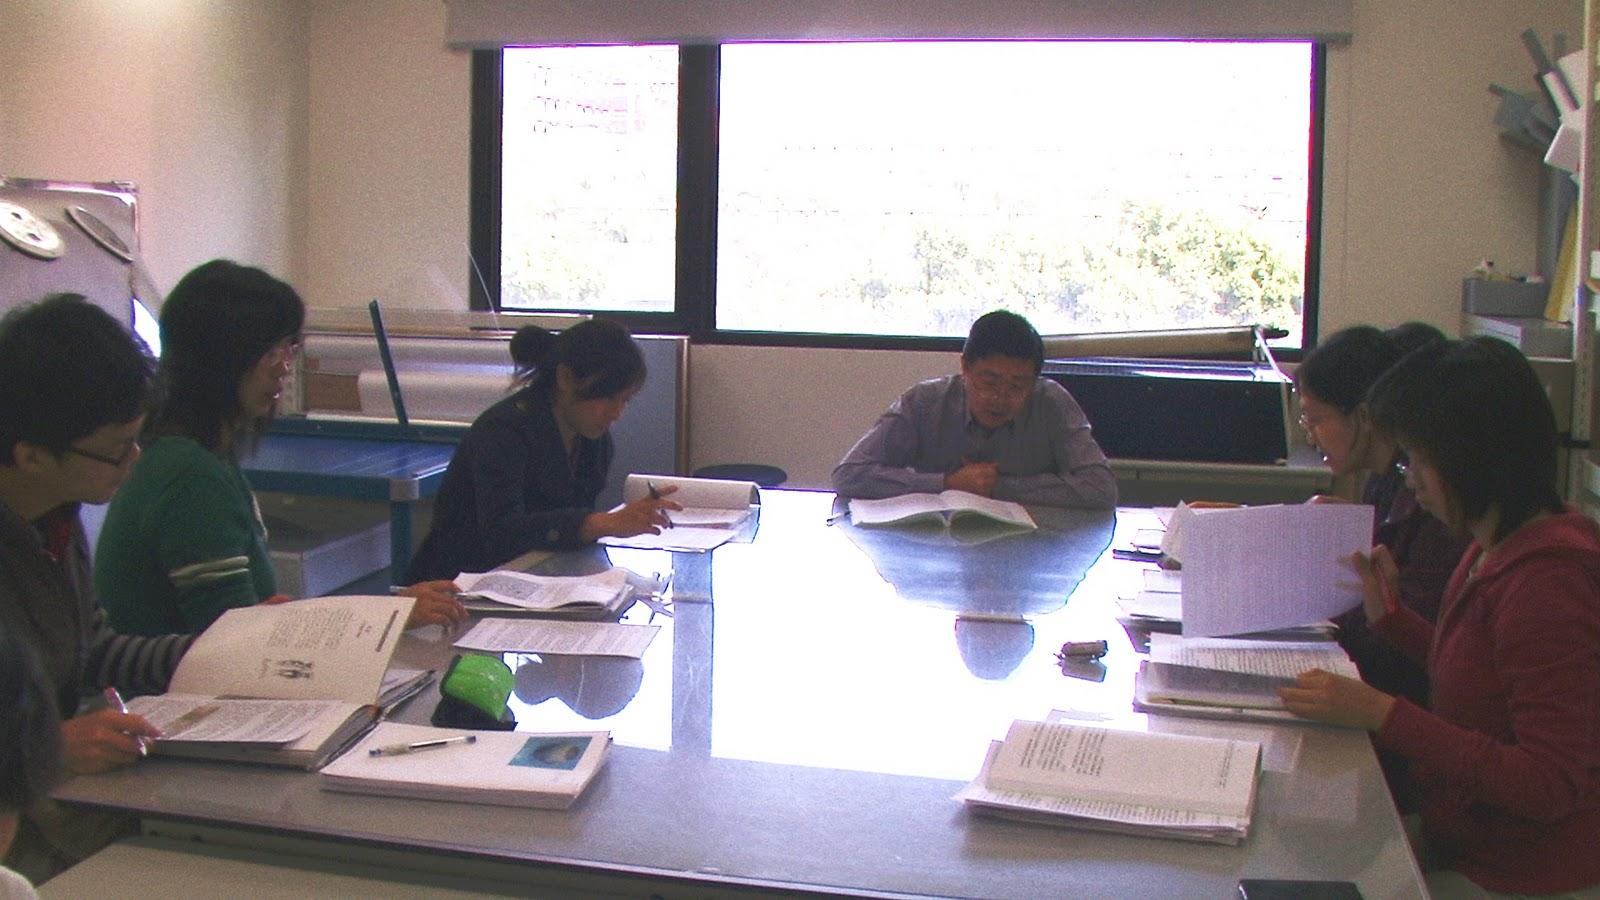 社區文化資產保存與臺灣史研究: 2010/11/24博物館實習之四--先史時代